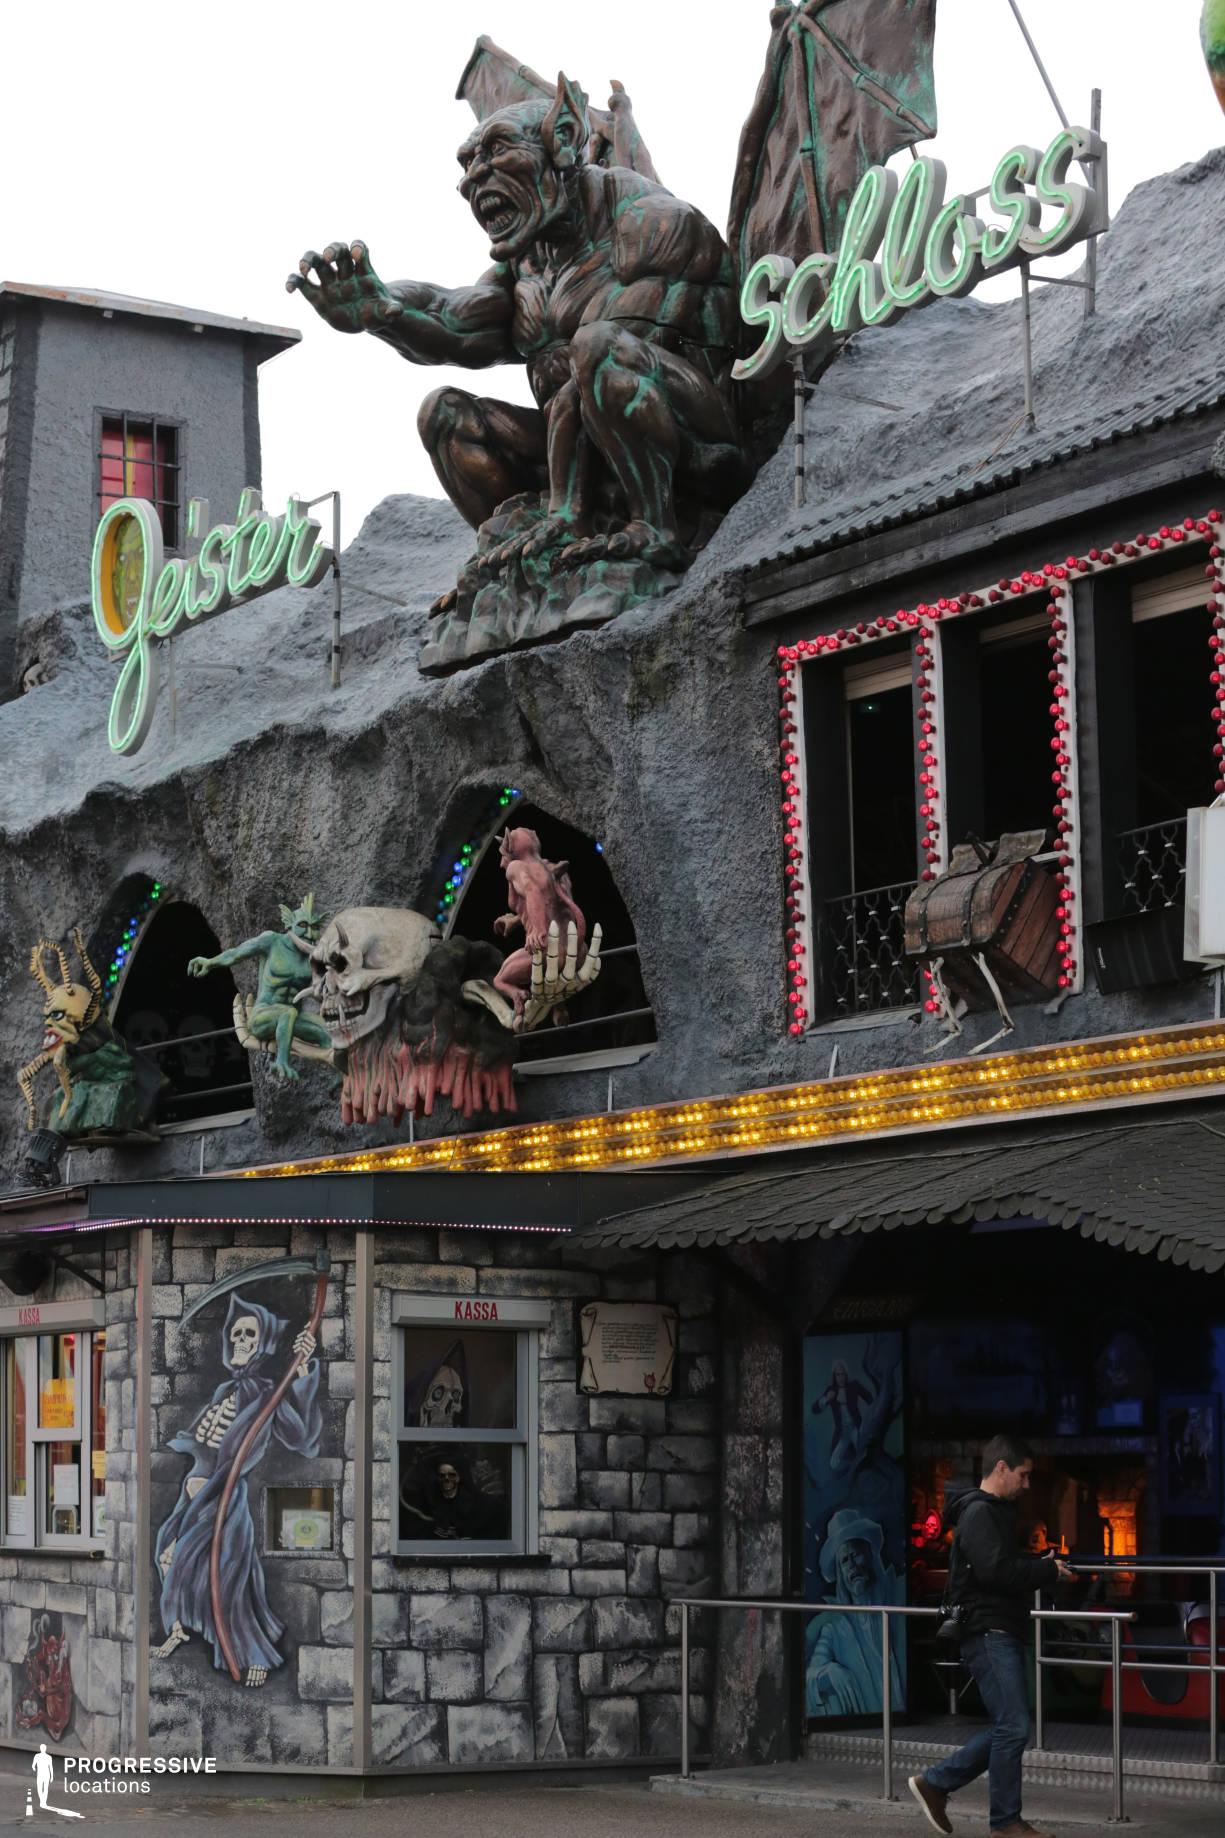 Locations in Austria: Haunted Castle, Amusement Park